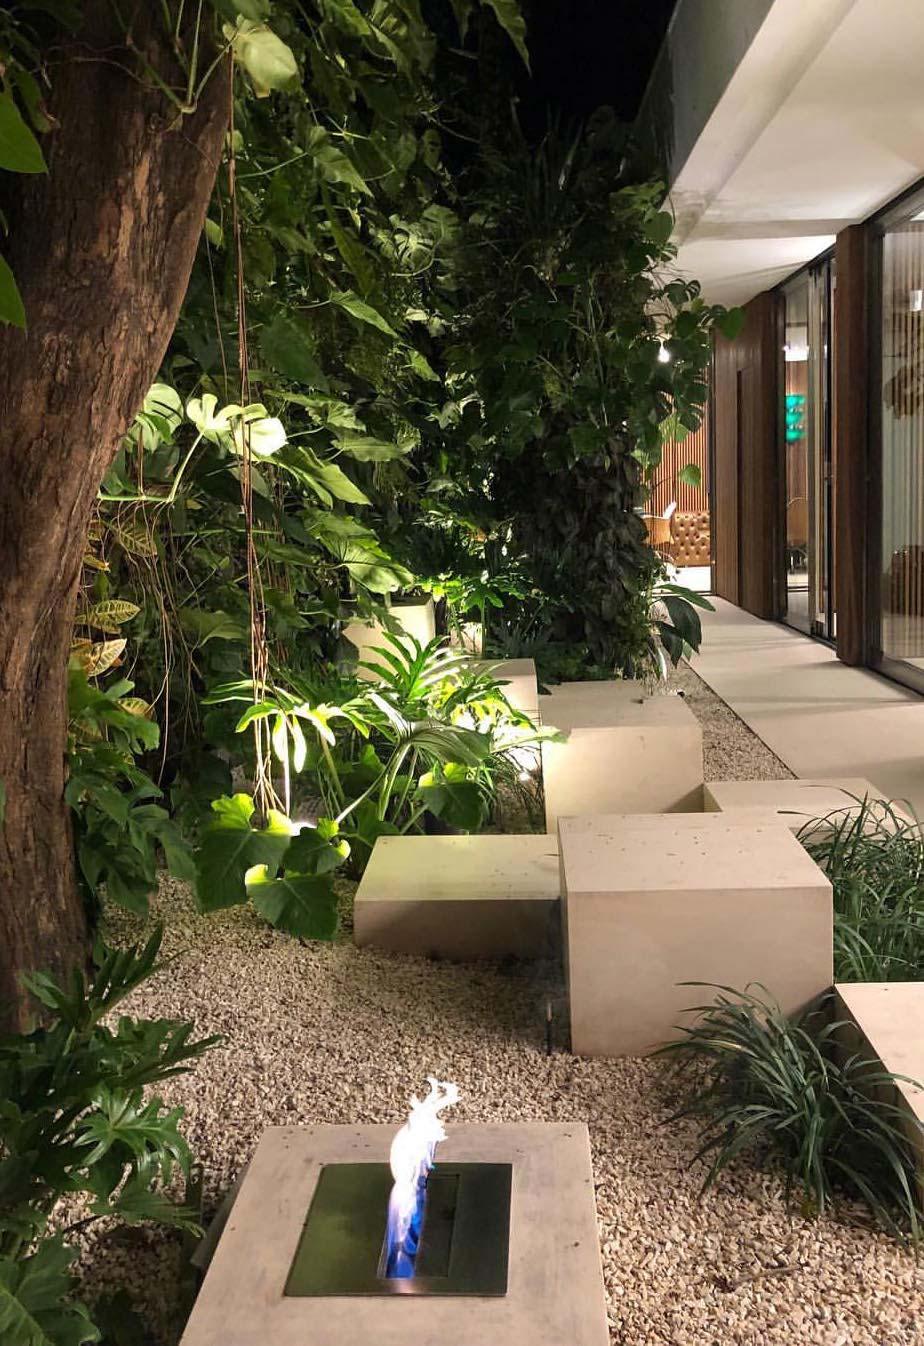 Ilumina O De Jardim Dicas Para Fazer 60 Inspira Es Fotos